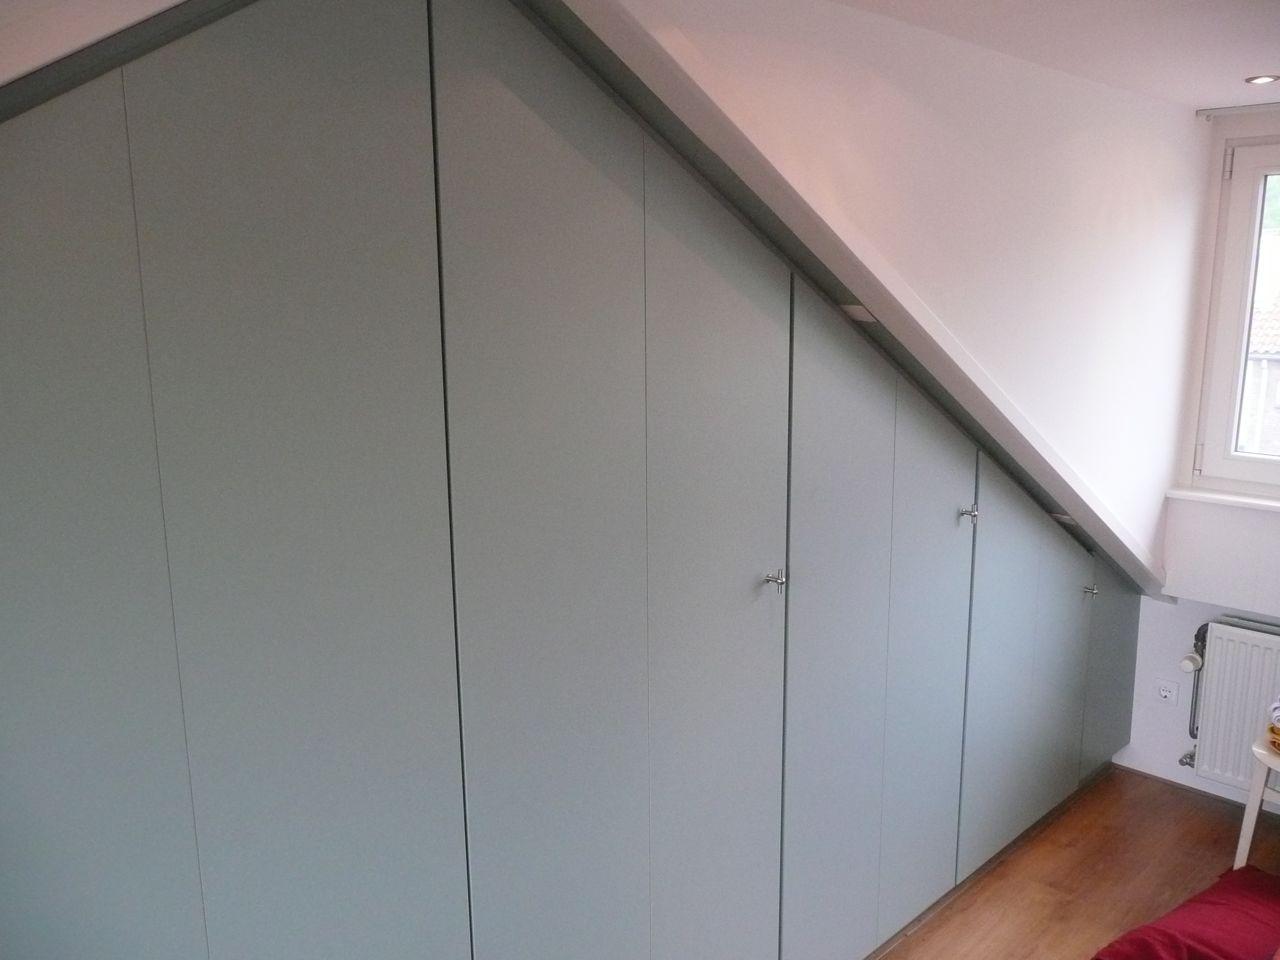 Op Zolder Maken: Verbouwing zolder vliering en slaapkamers maken ...